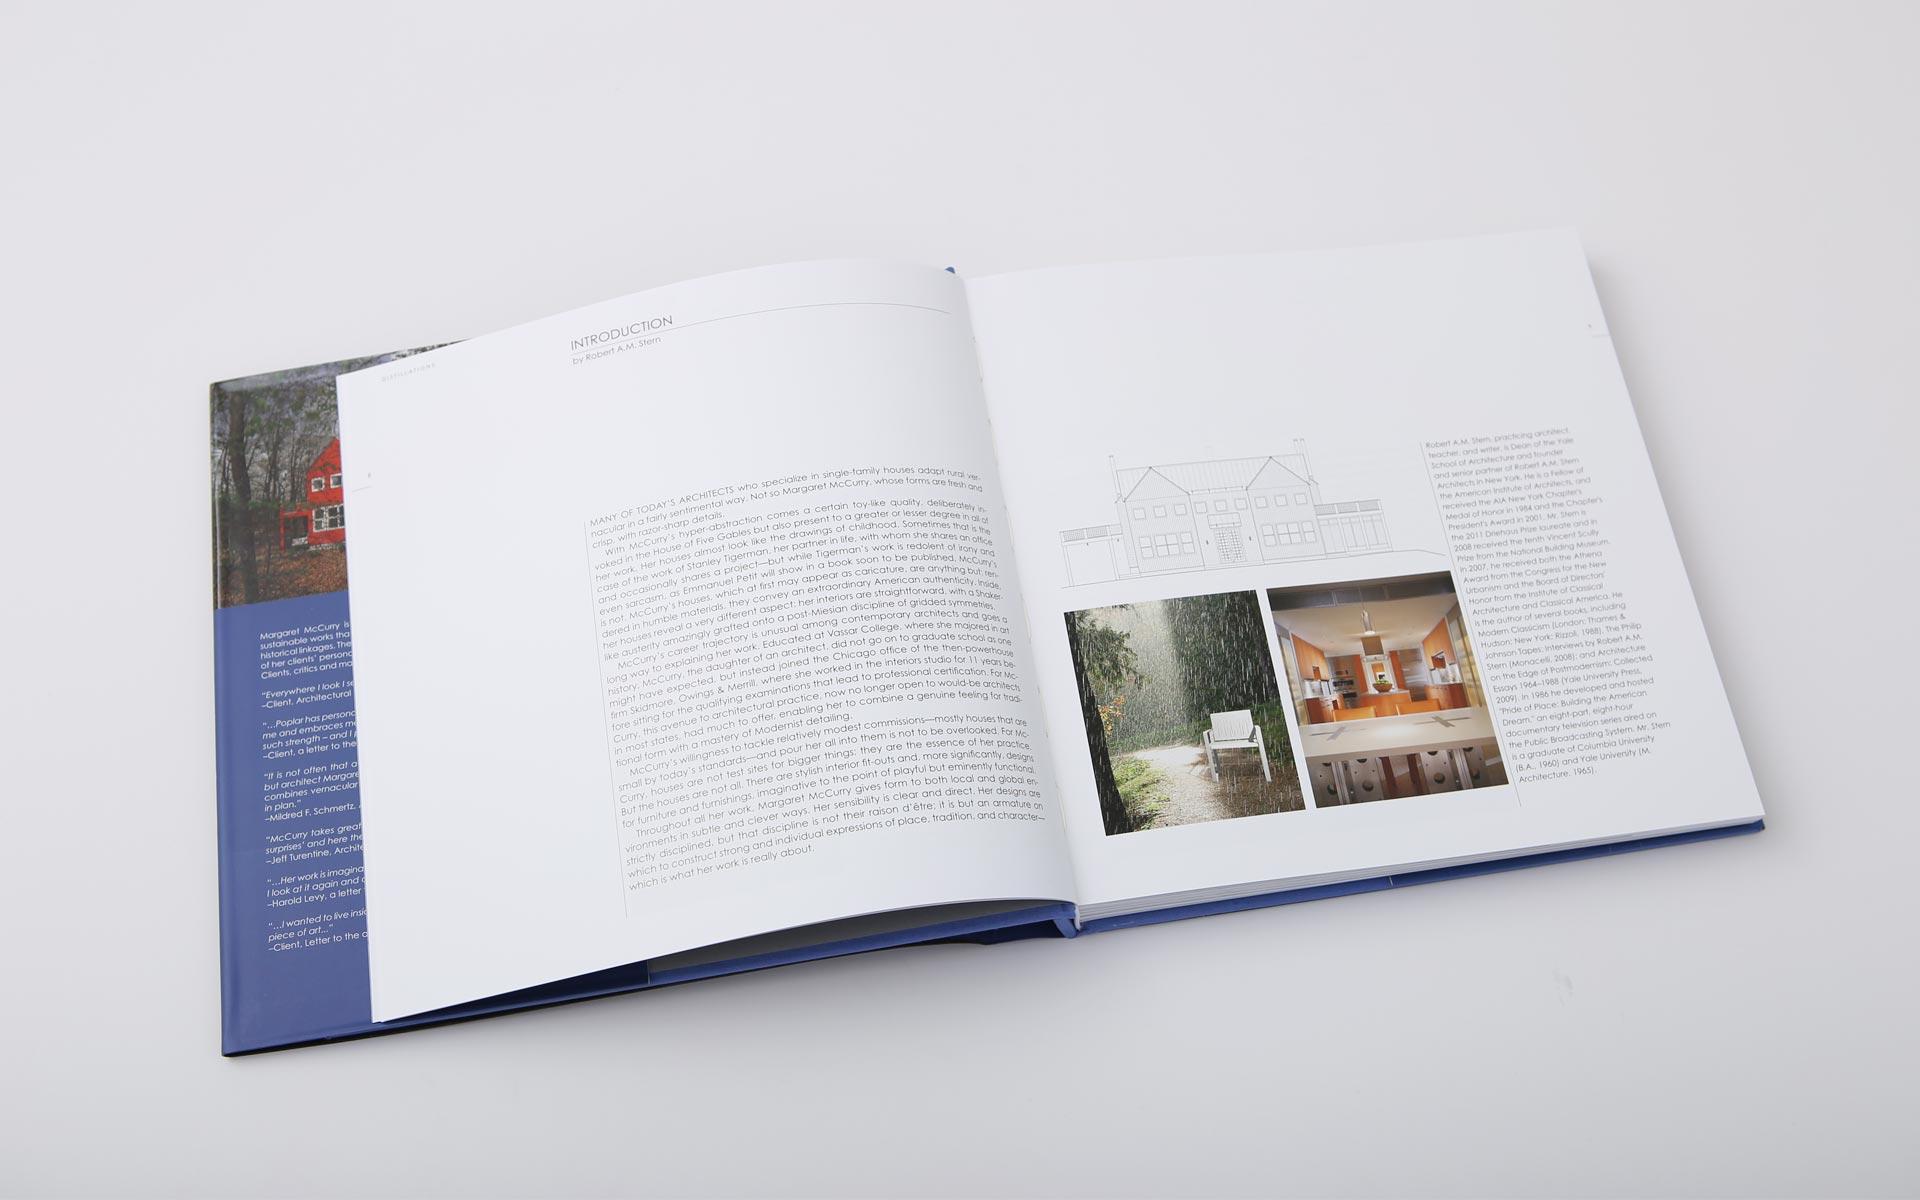 women-in-architecture-book-design-6